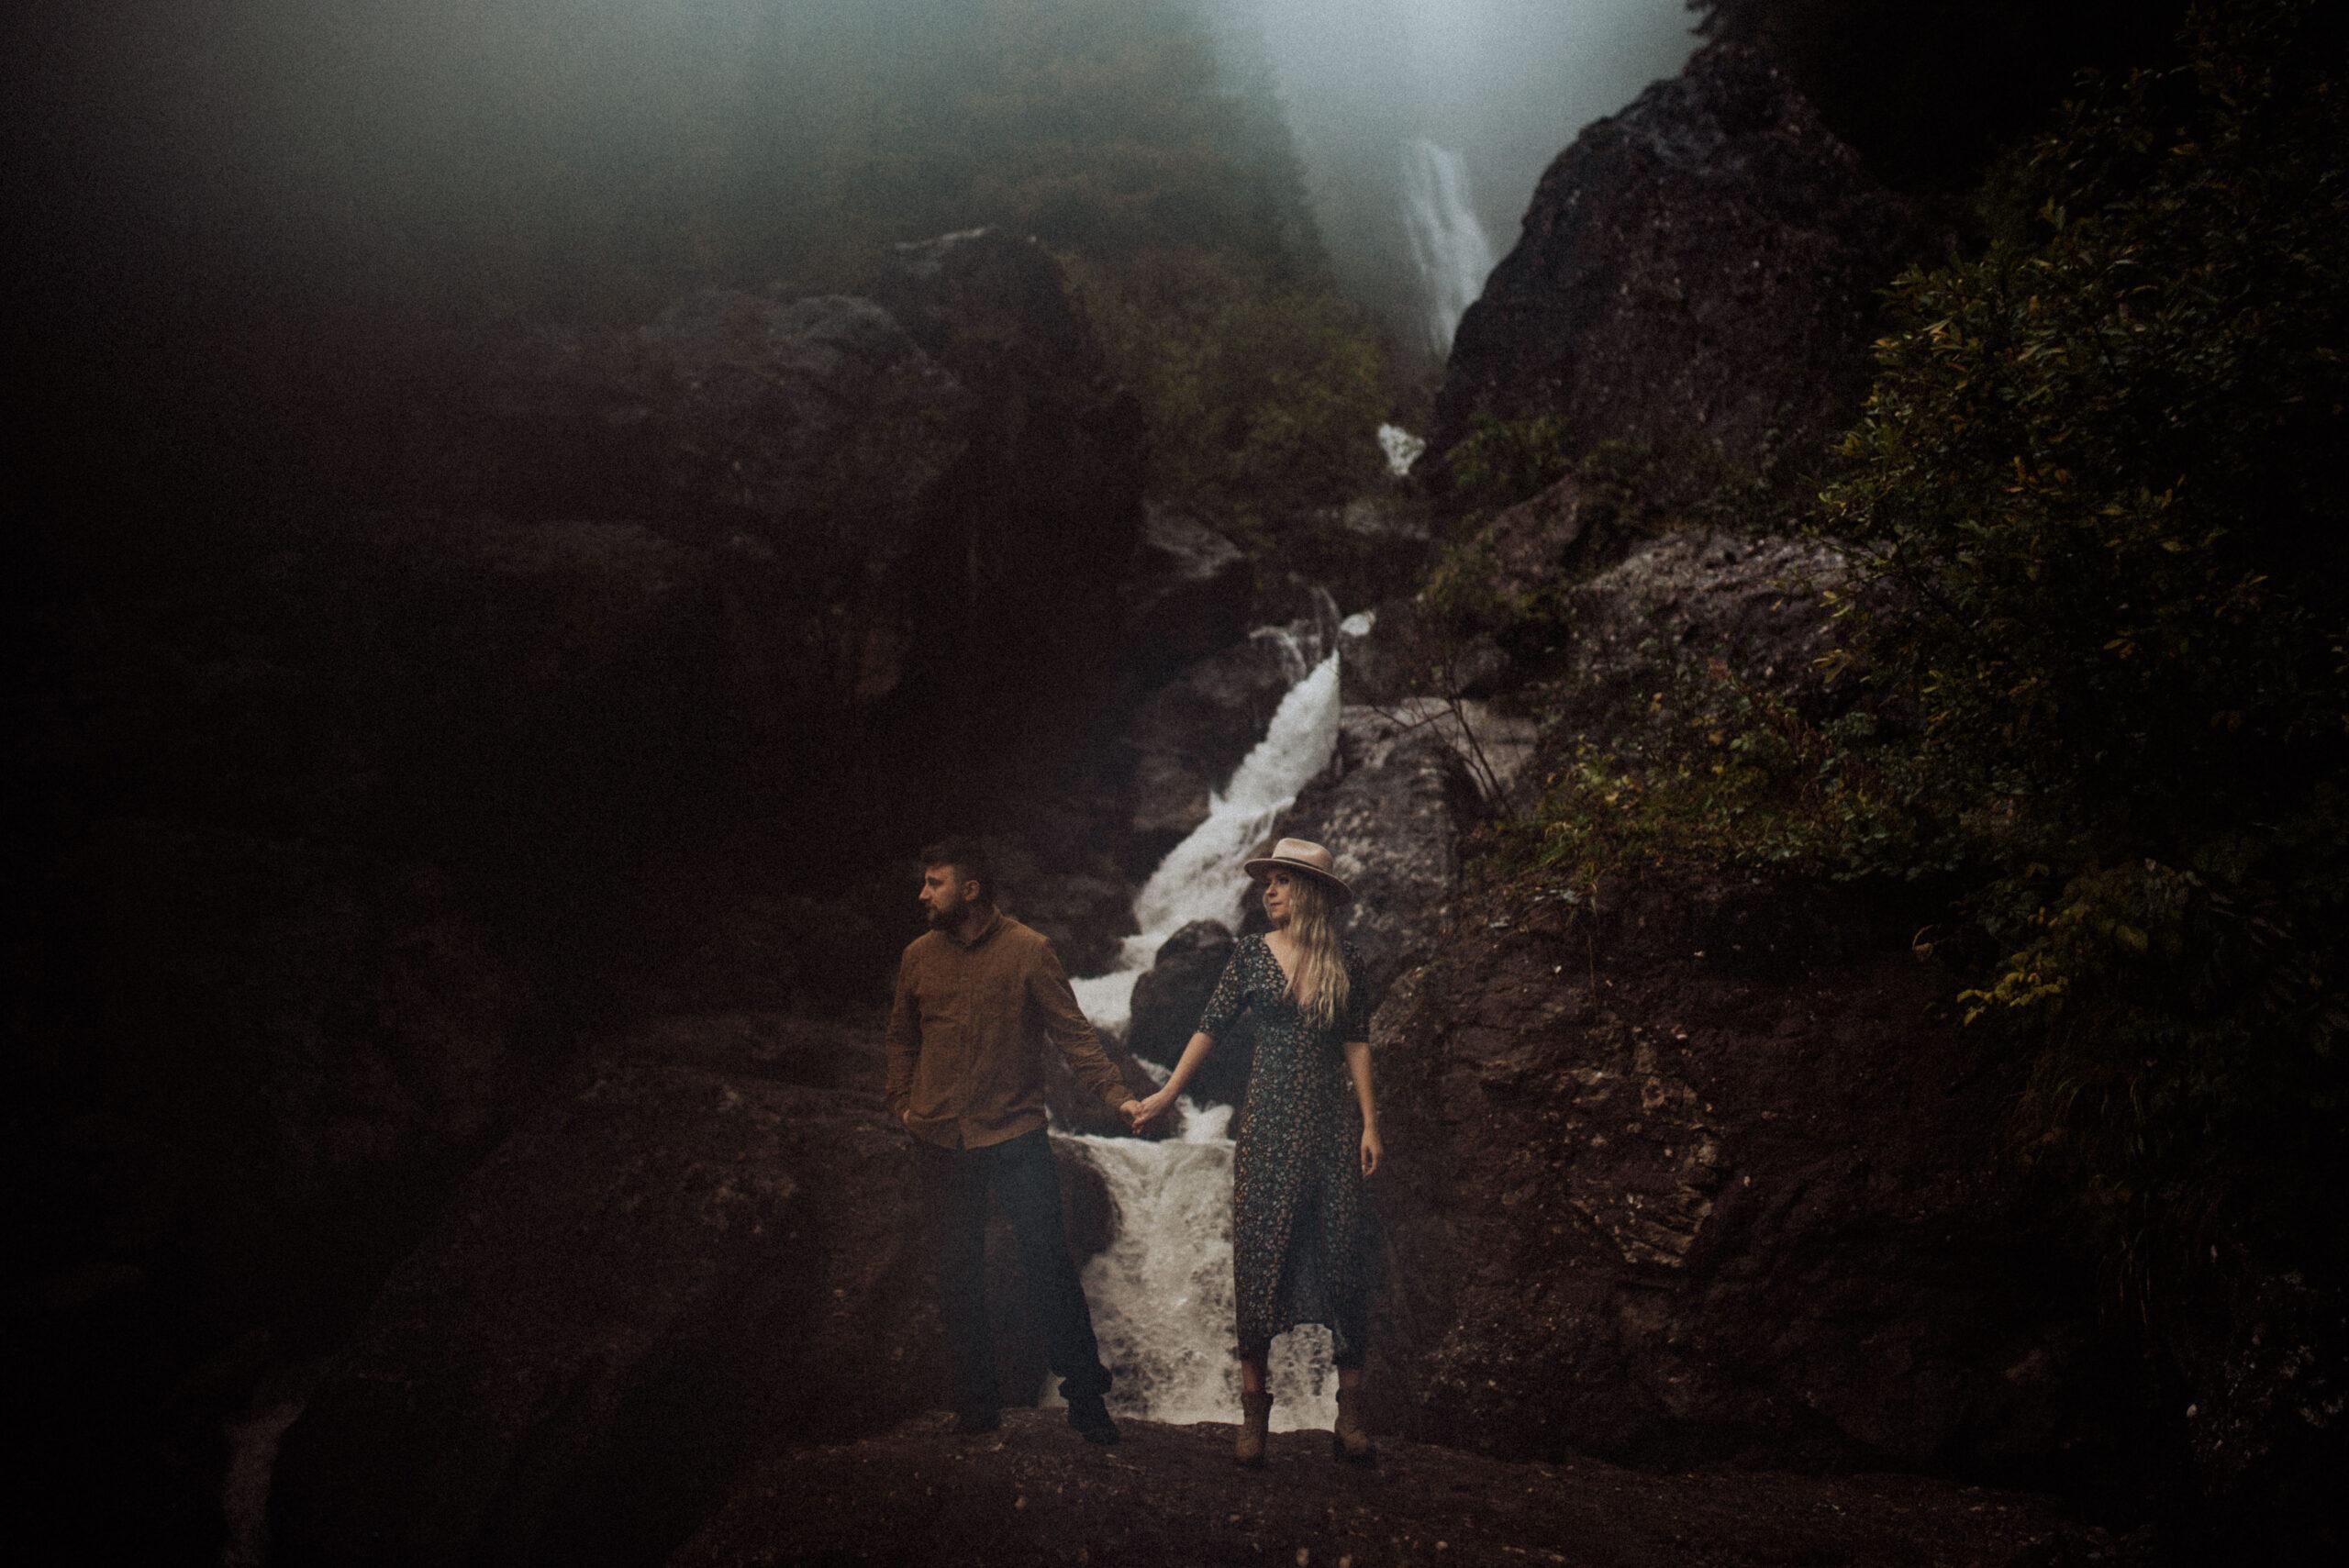 wodospad; sesja w deszczu; wisienka na torcie; deszcz; dolomity; miłość; tu jest klimat